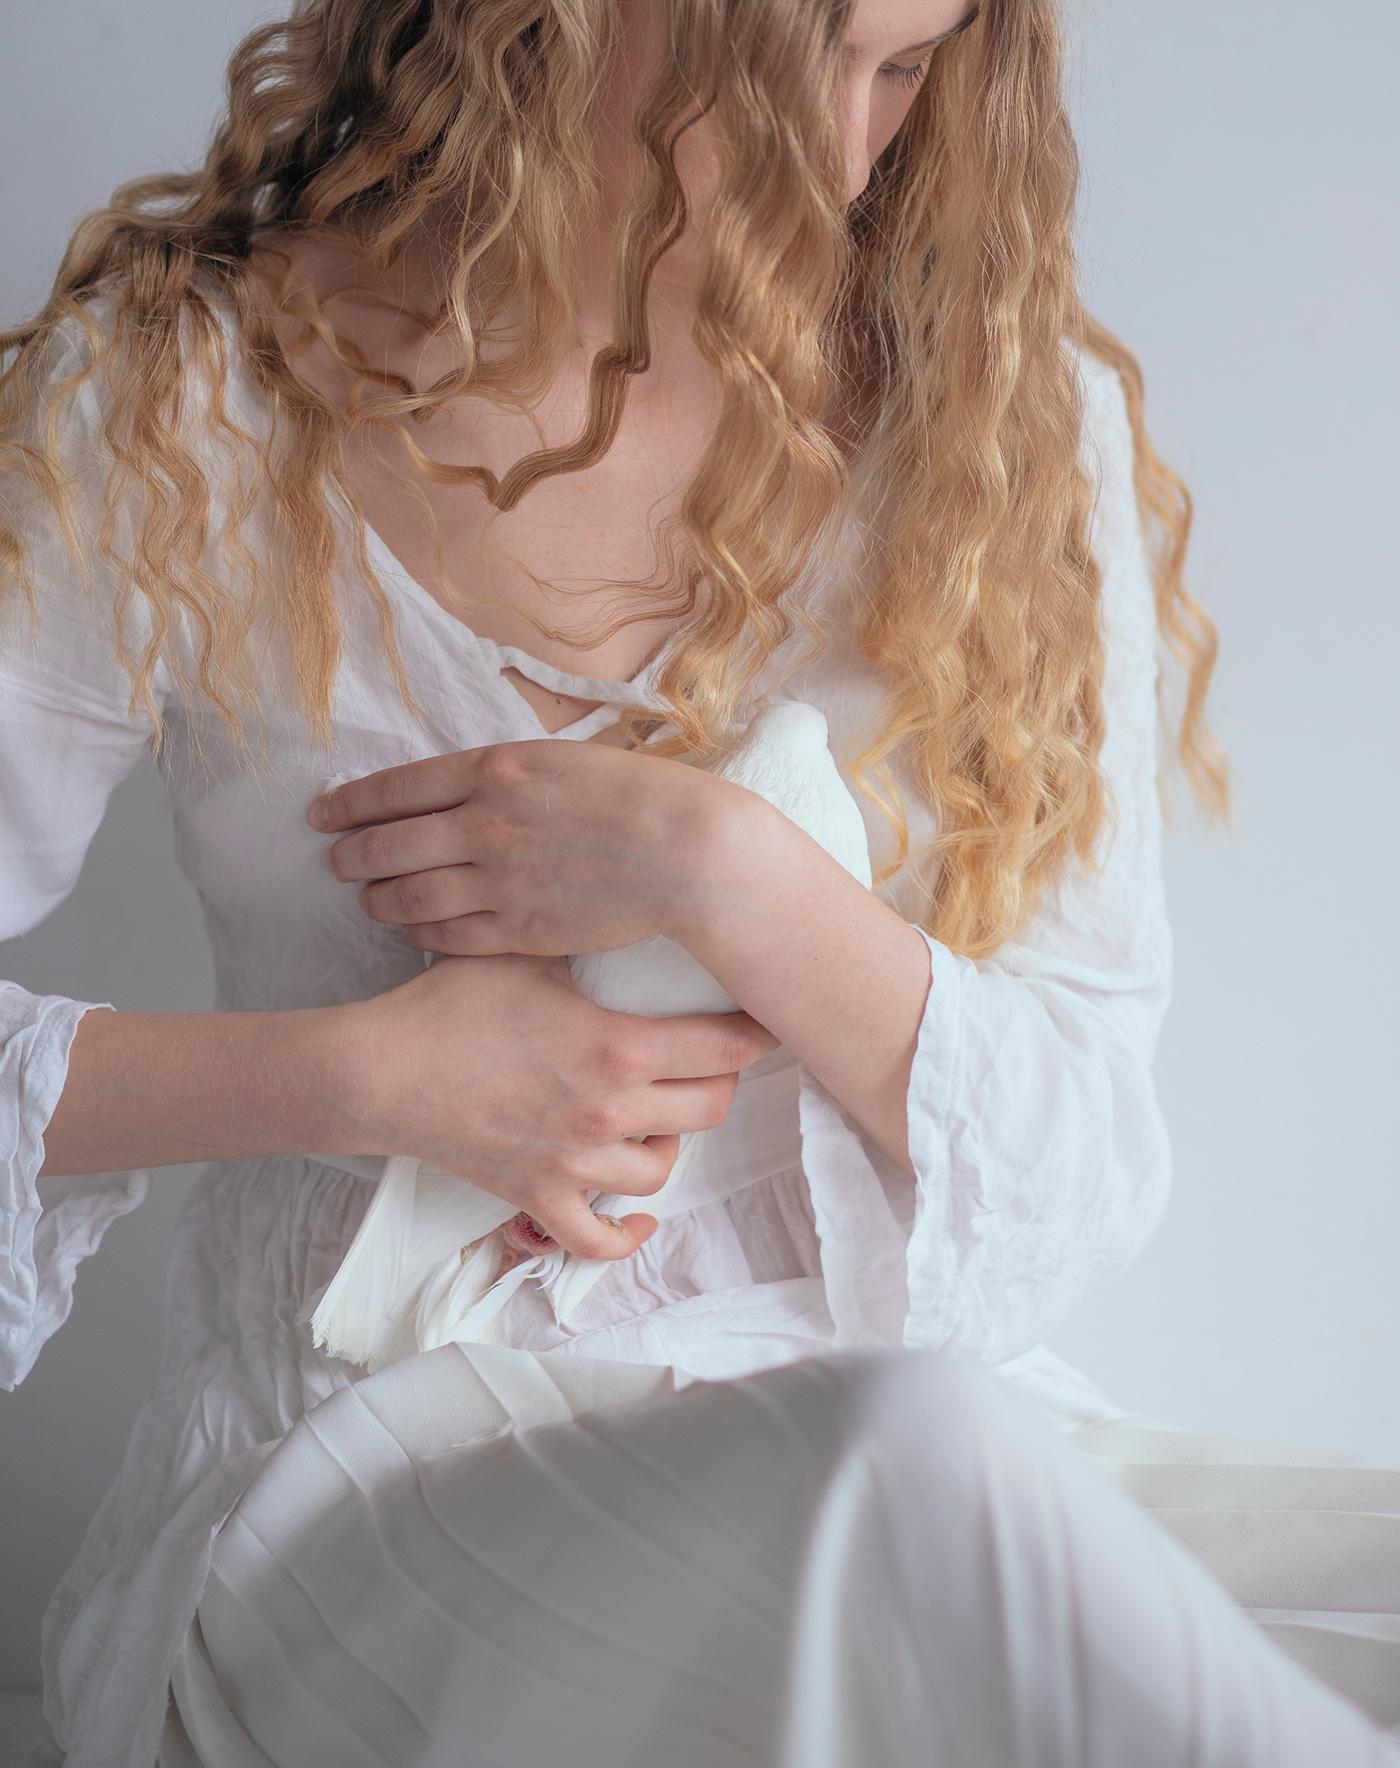 Голубка / Фотограф Marta Syrko